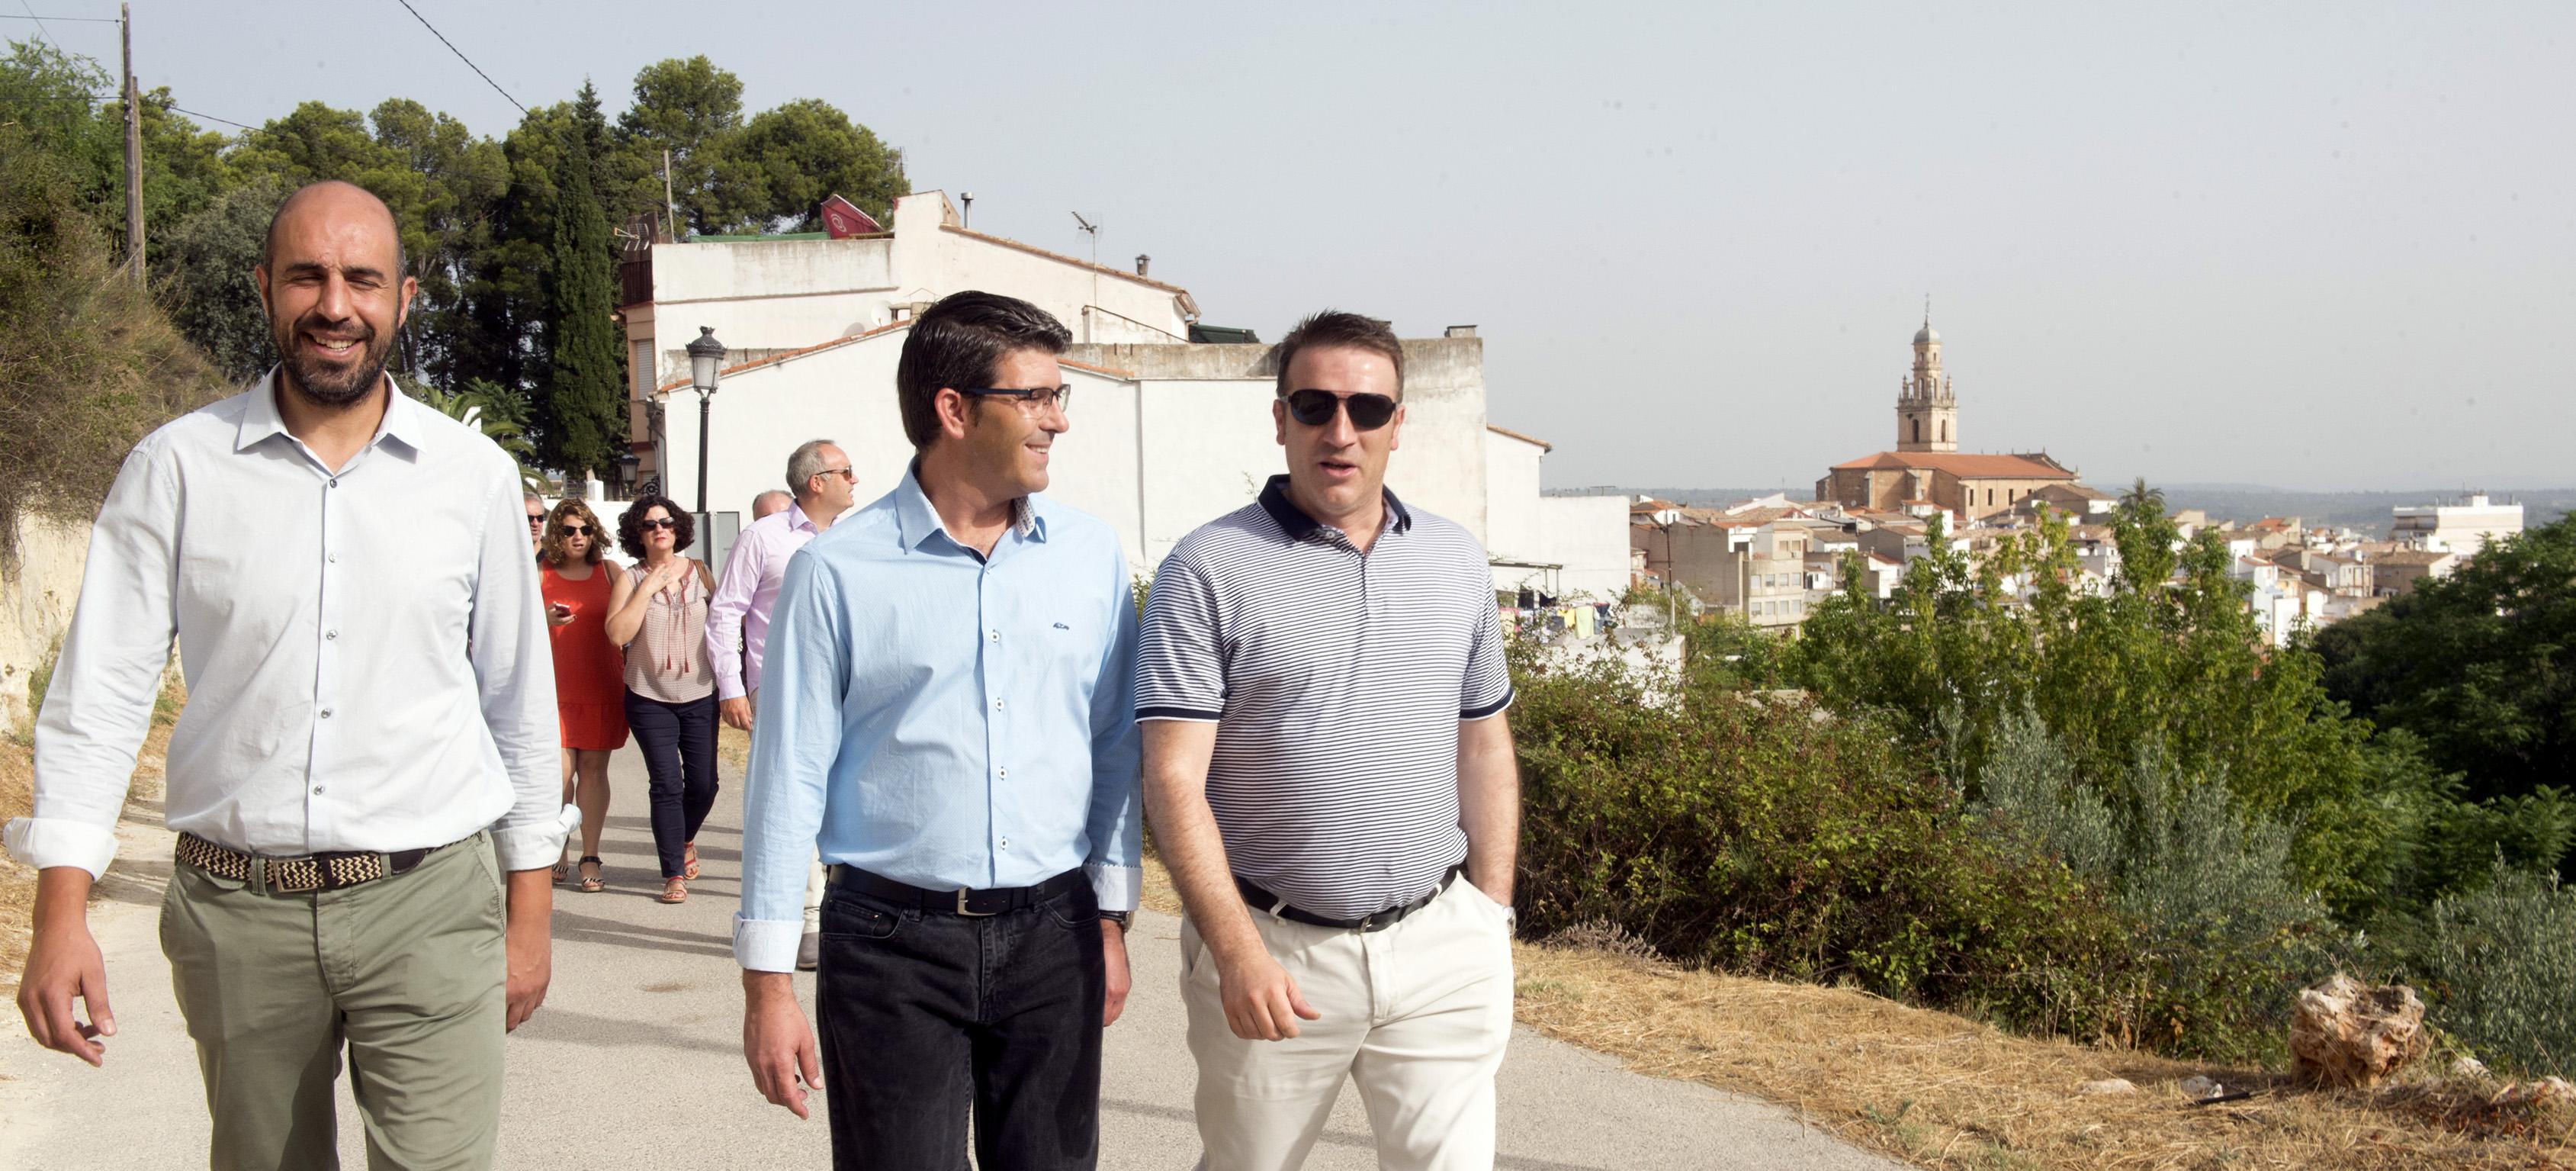 Jorge Rodríguez y Pablo Seguí en la jornada de presentación del PCV 16/17.